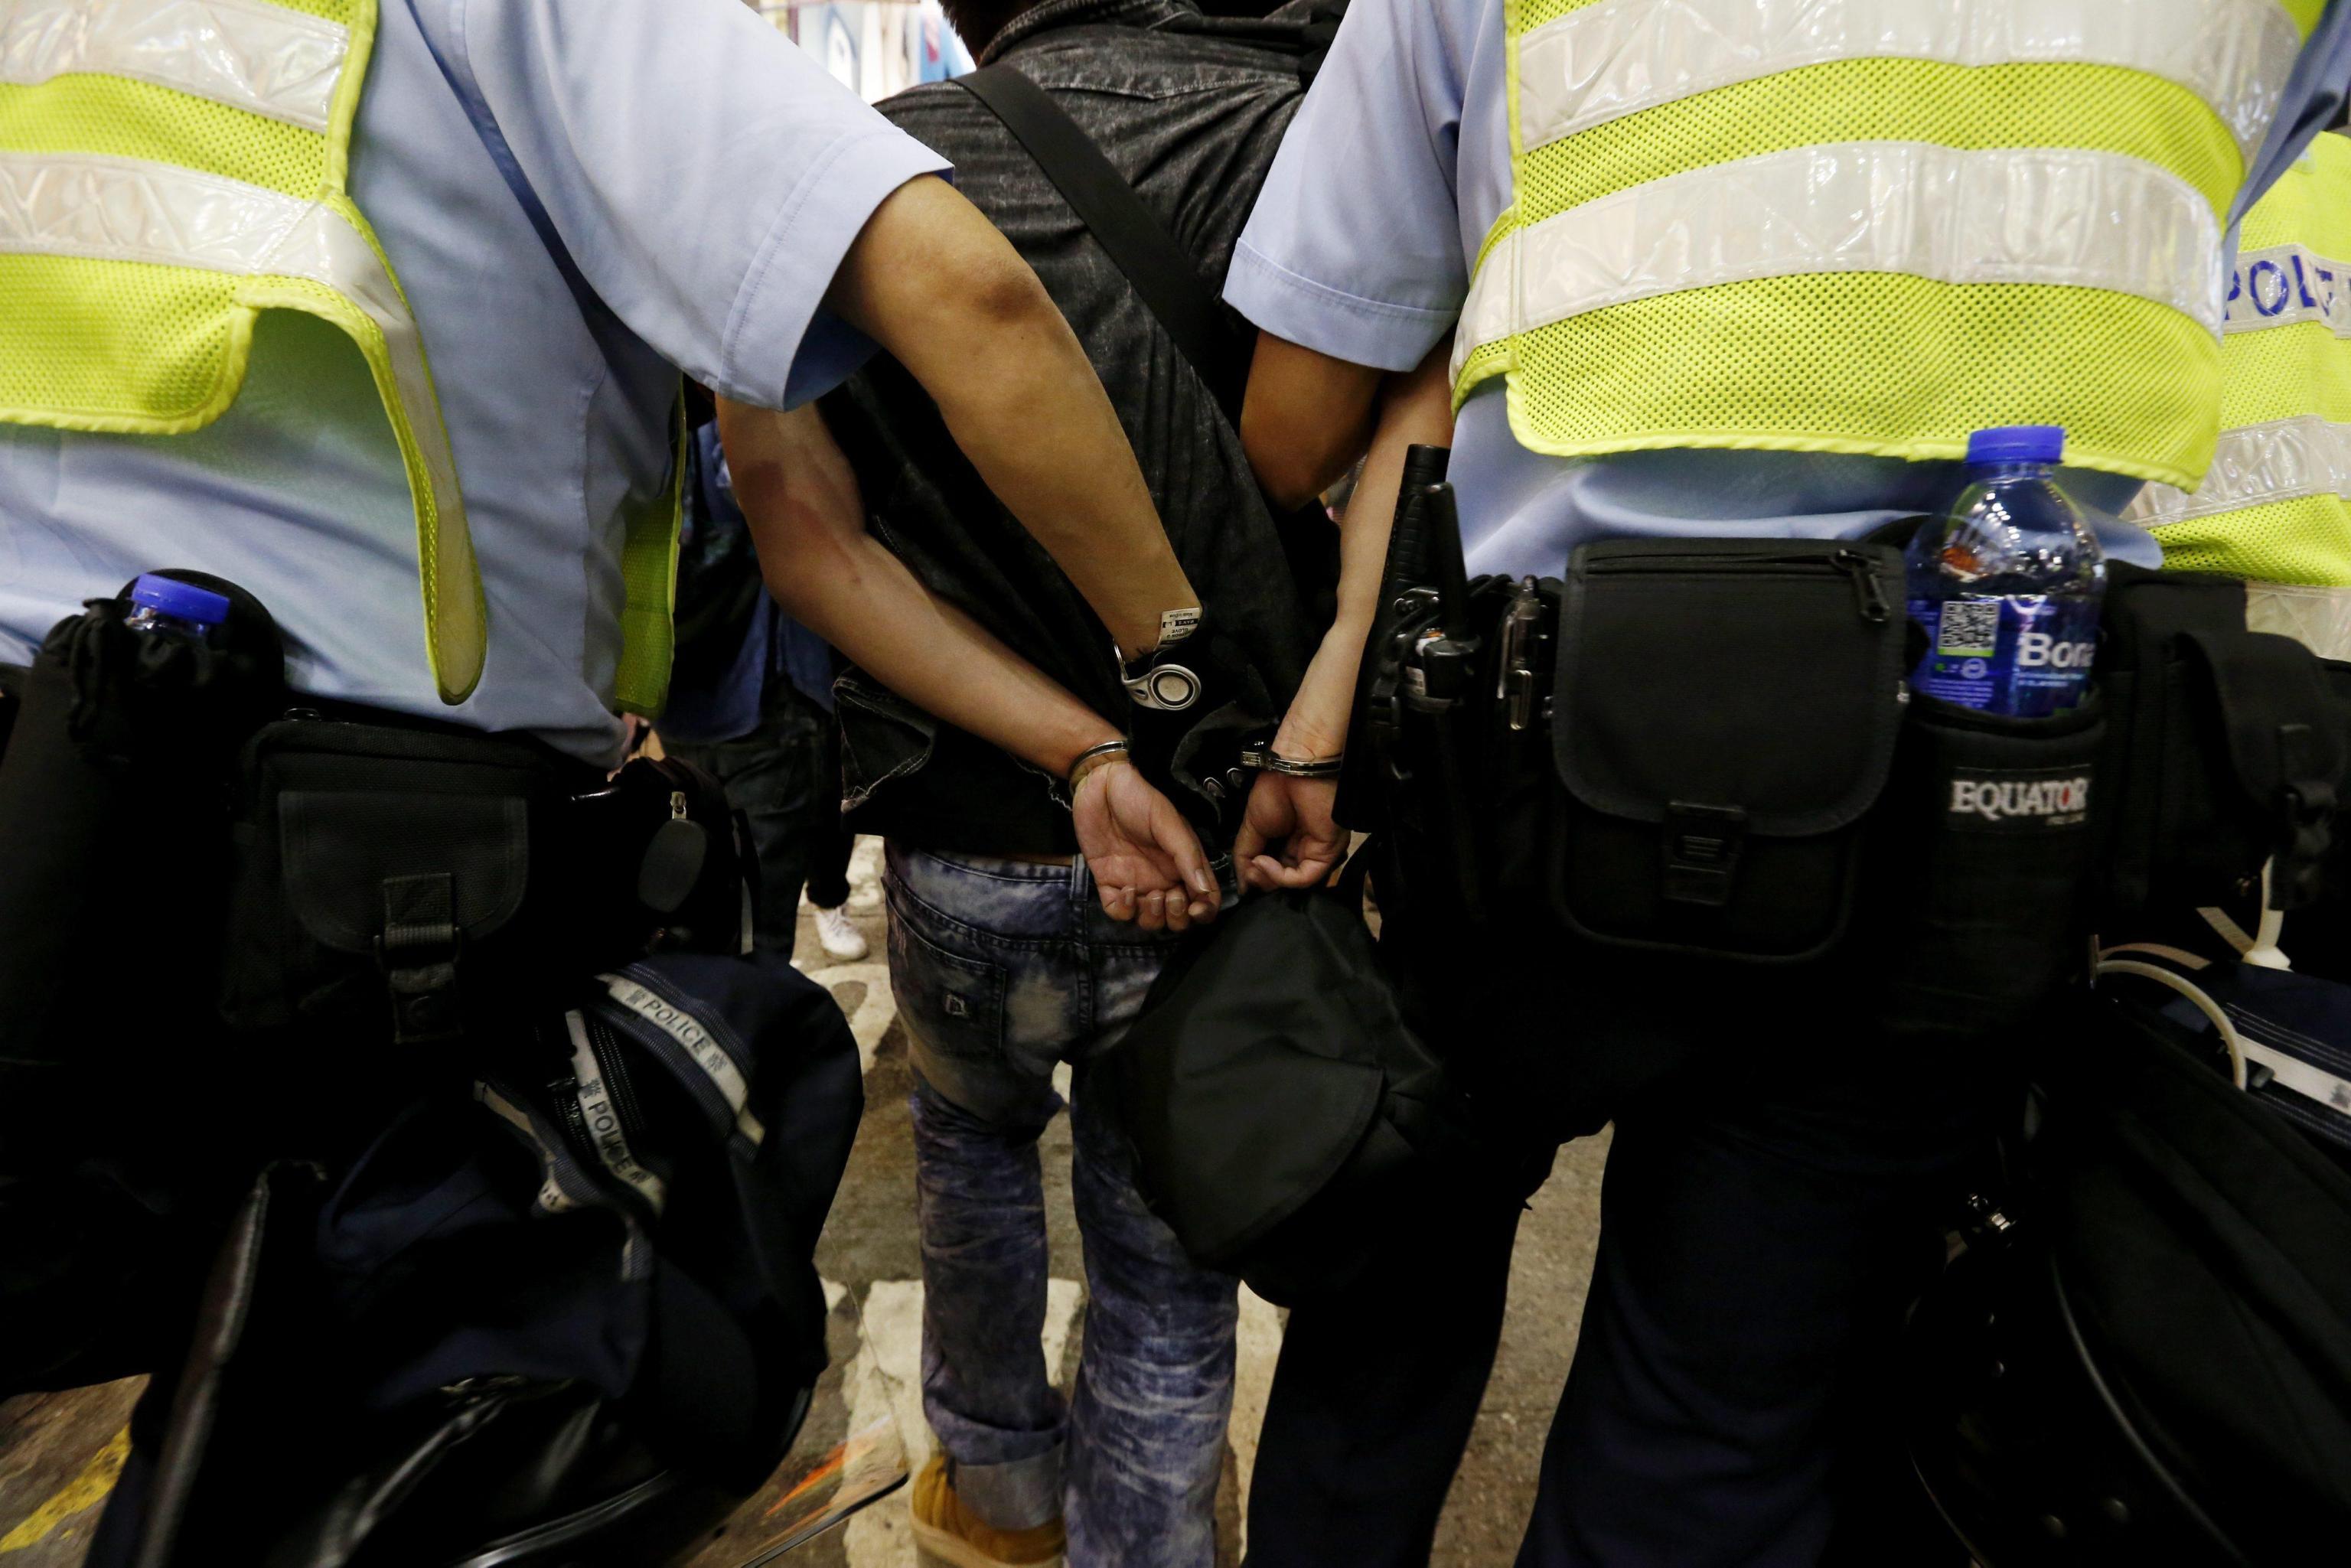 Cina: in carcere legale diritti umani